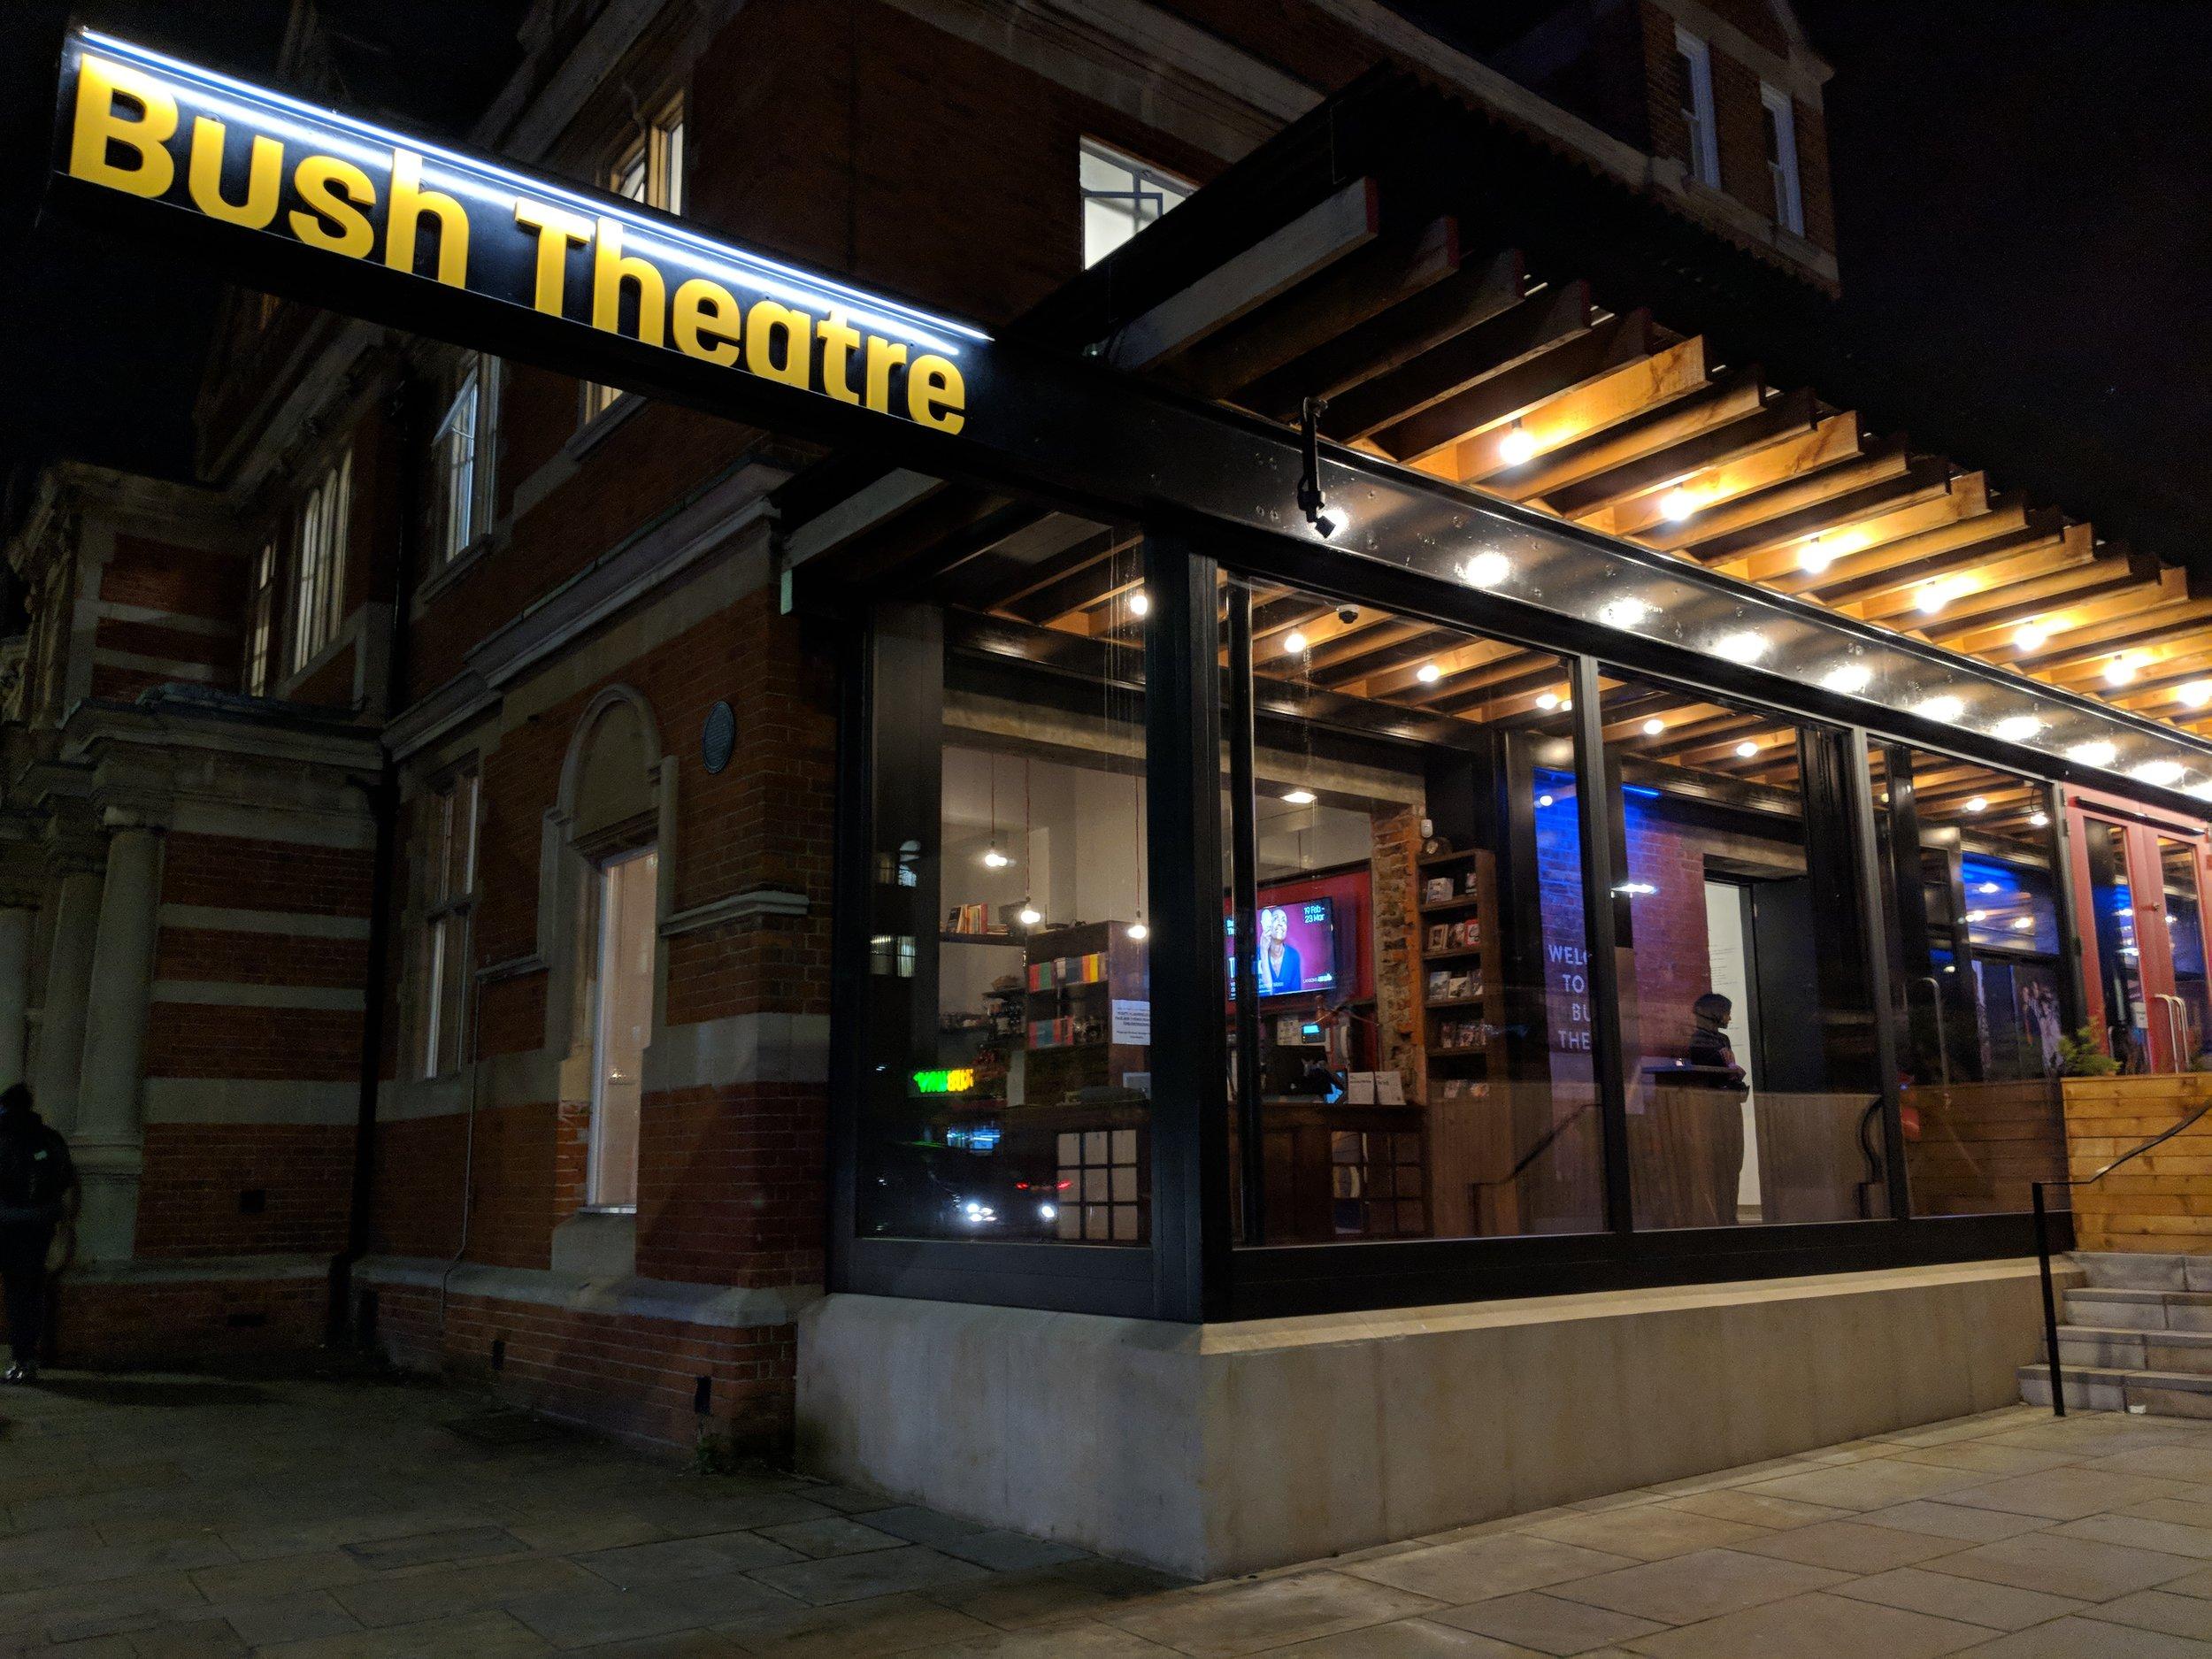 Bush Theatre (Studio) - visited 04/03/2019